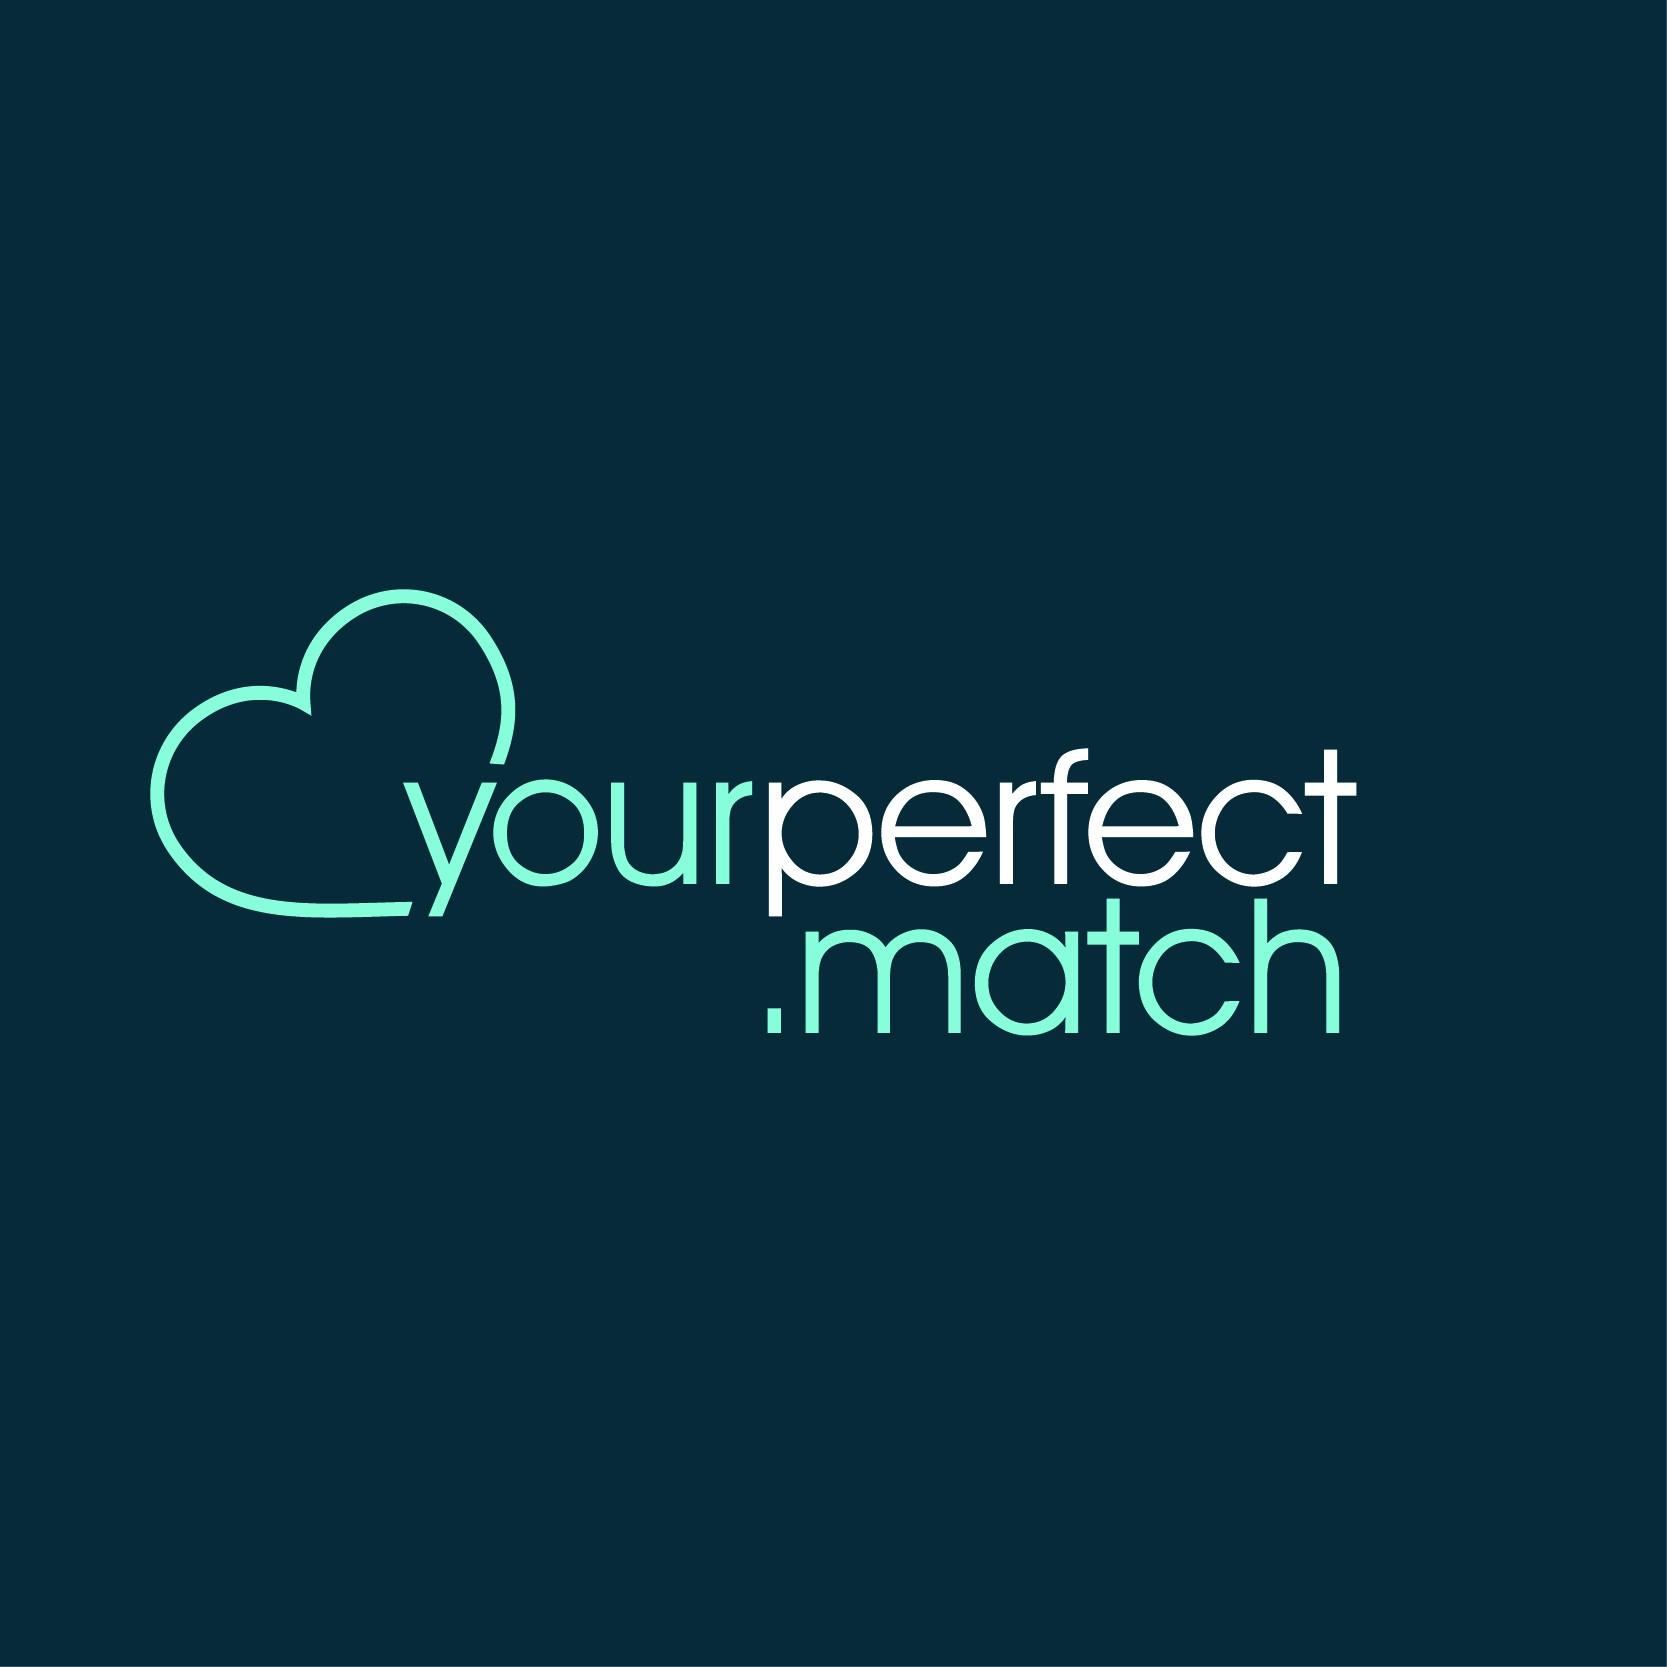 Logo for dating platform